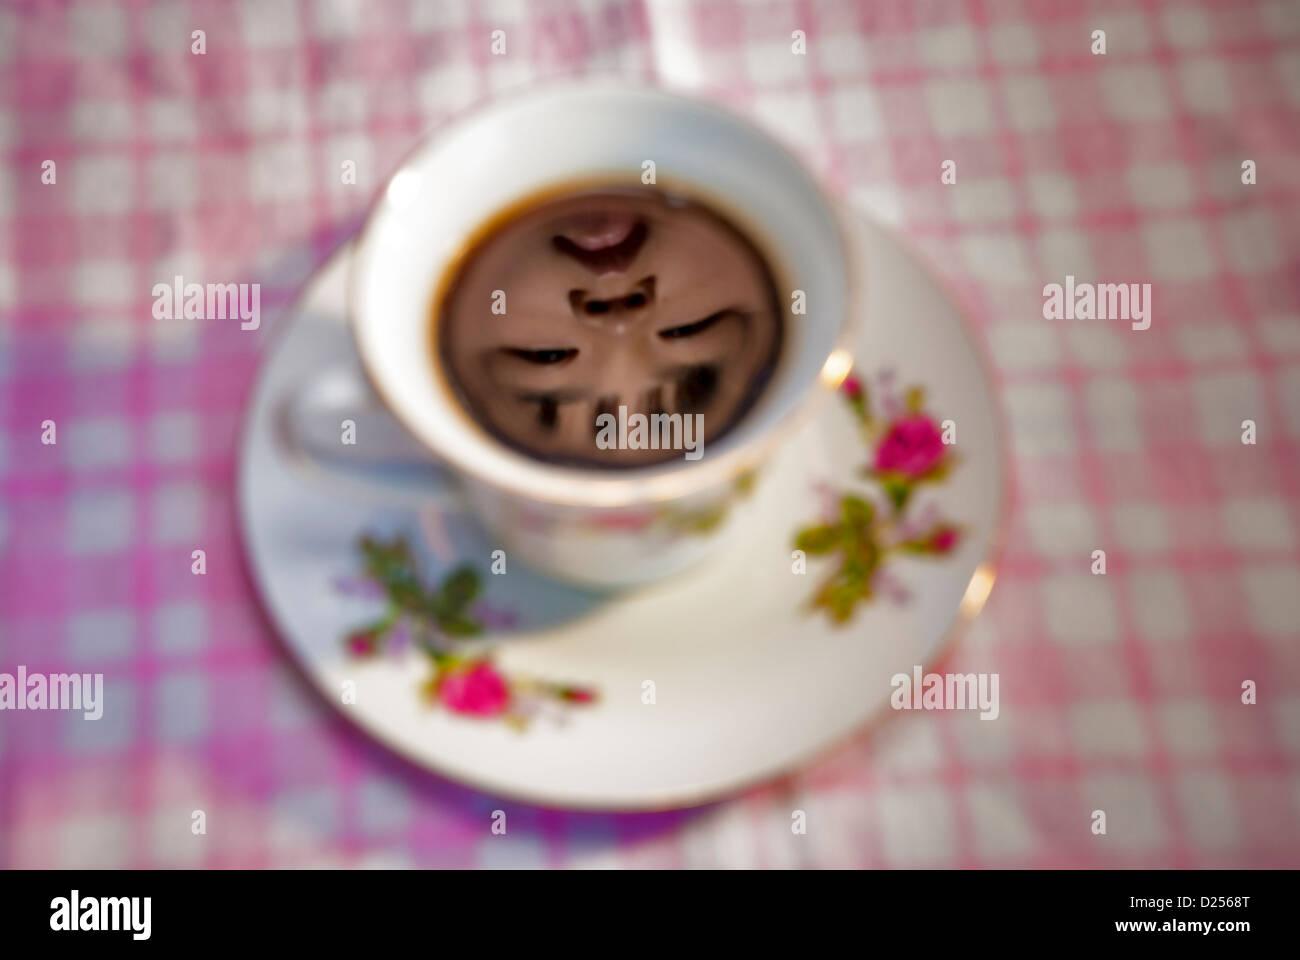 Tasse schwarzer Kaffee mit der Reflexion eines menschlichen Gesichts Stockbild